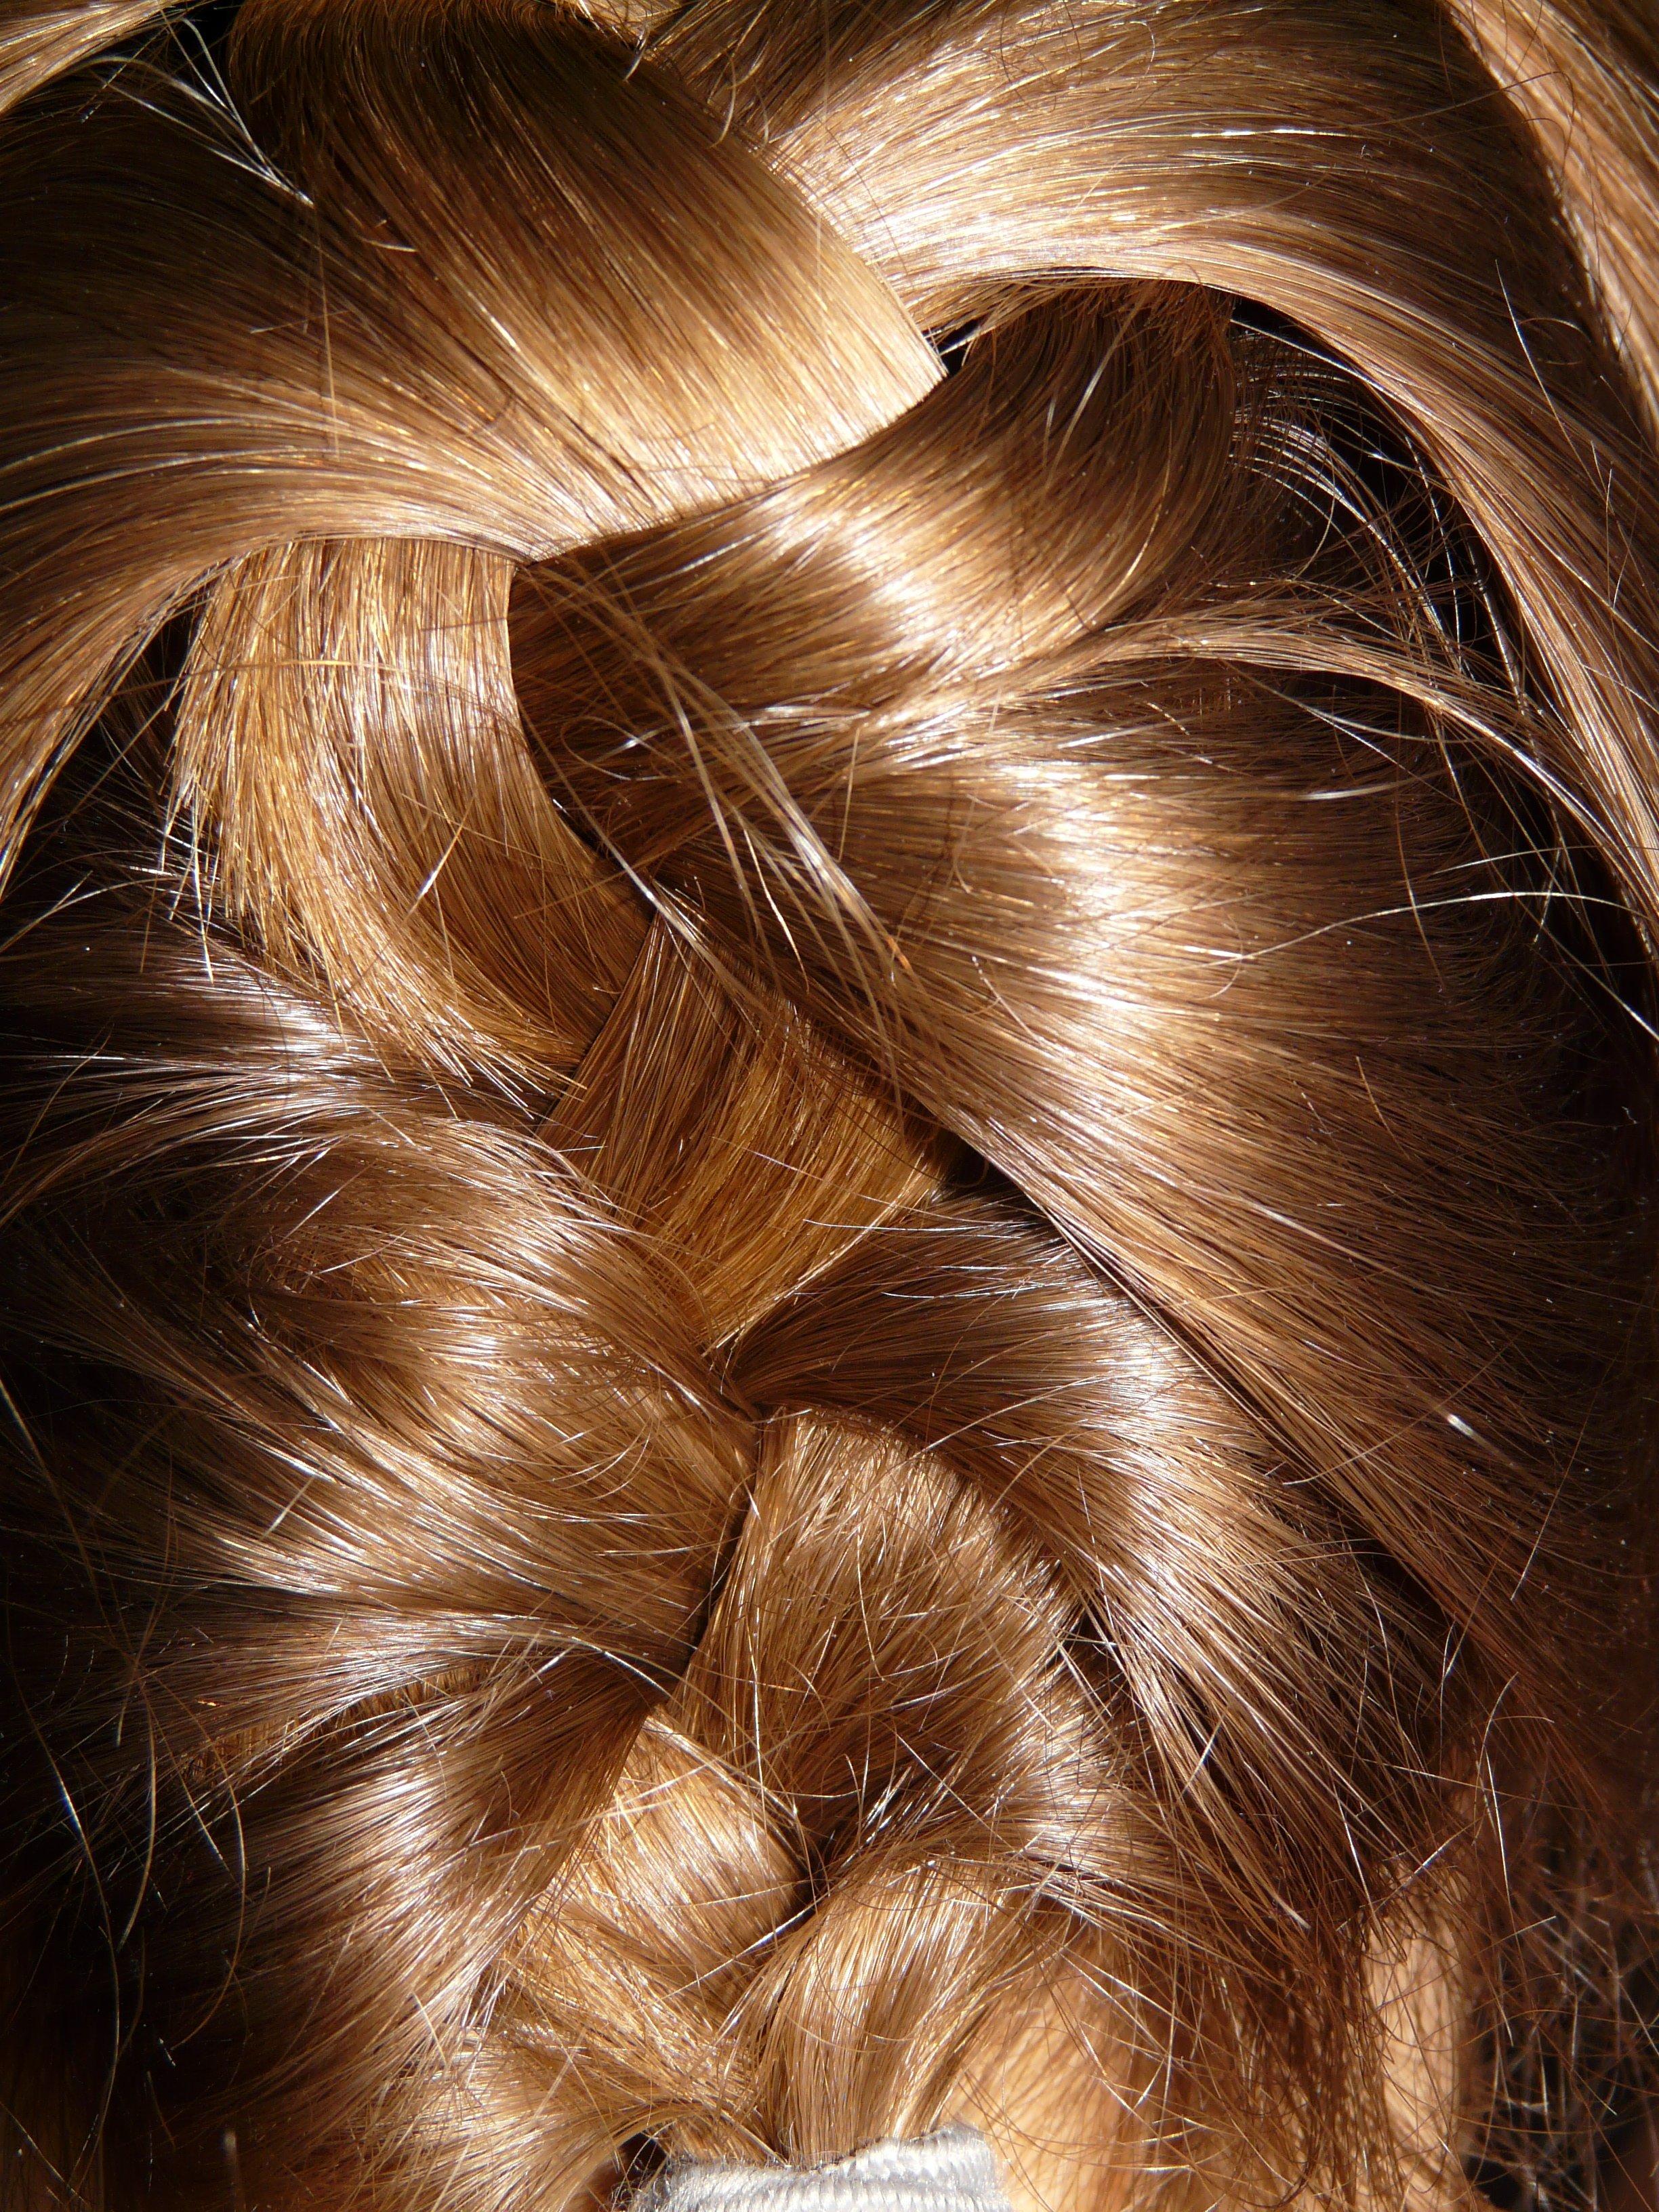 Hair Brown Hairstyle Braid Long Hair Weave Head Blond Brown Hair Plait Hair  Coloring Chignon Layered